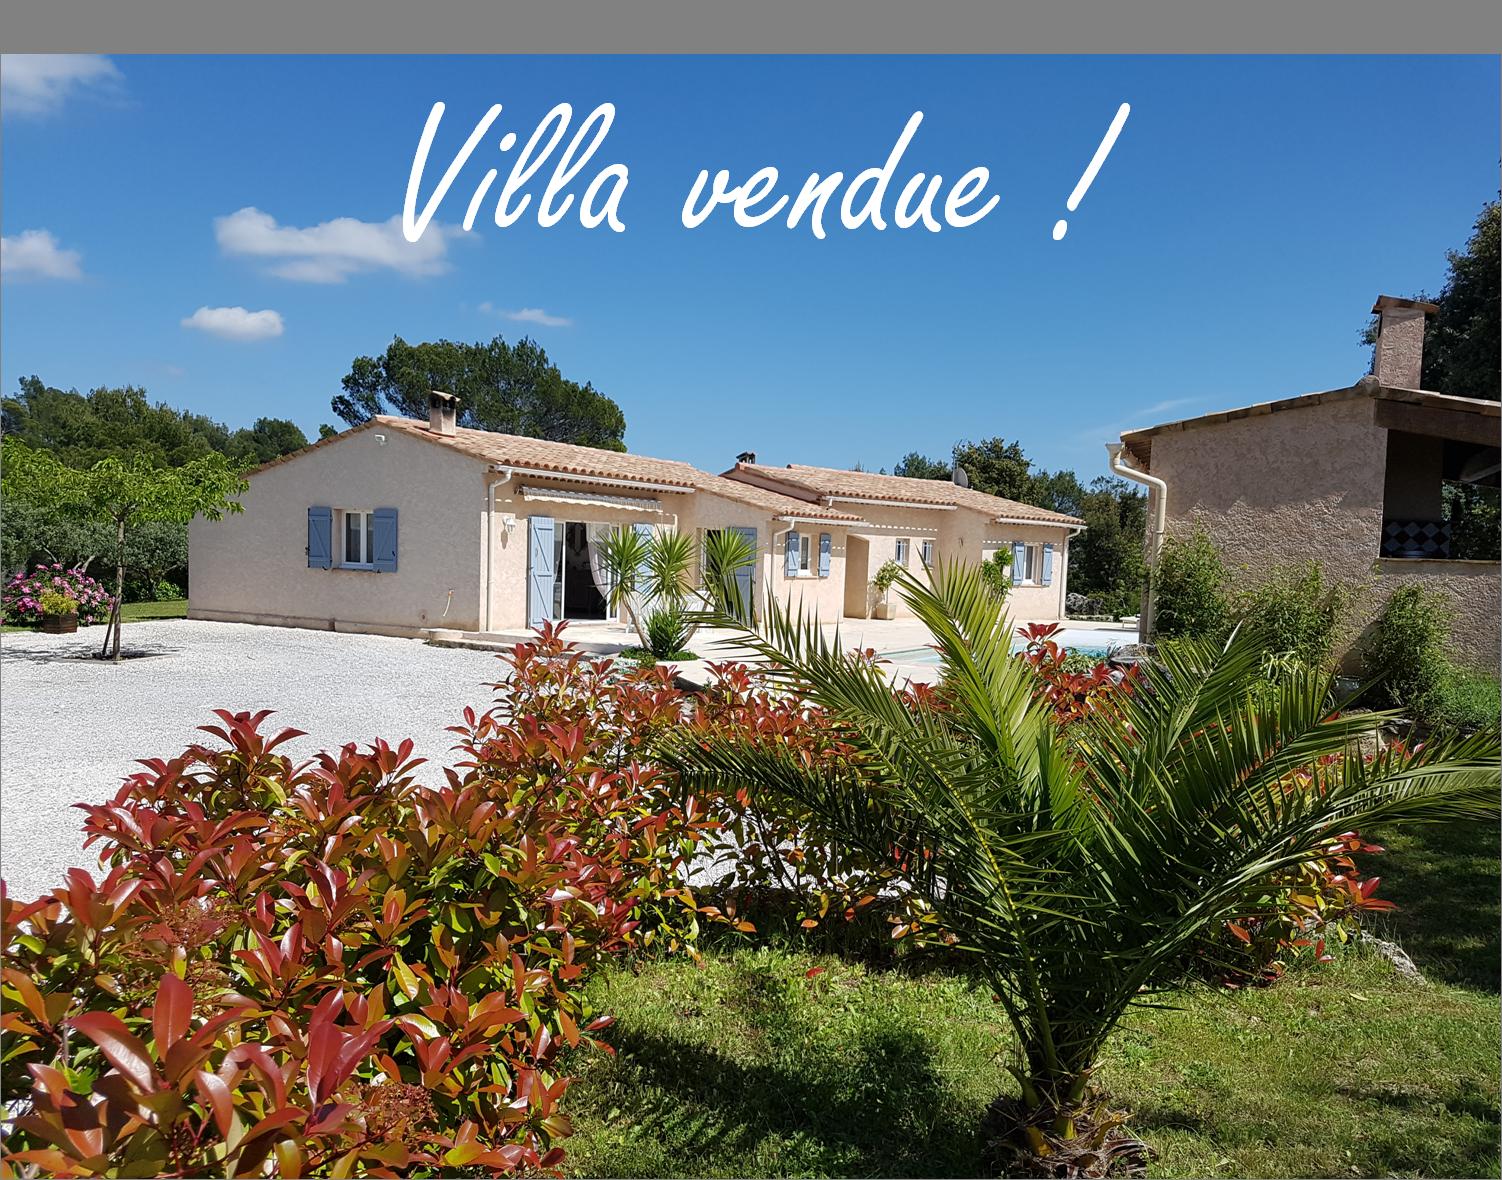 Figanières - 474 000 € - 130 m² - 3 chambres - Terrain 4000 m²